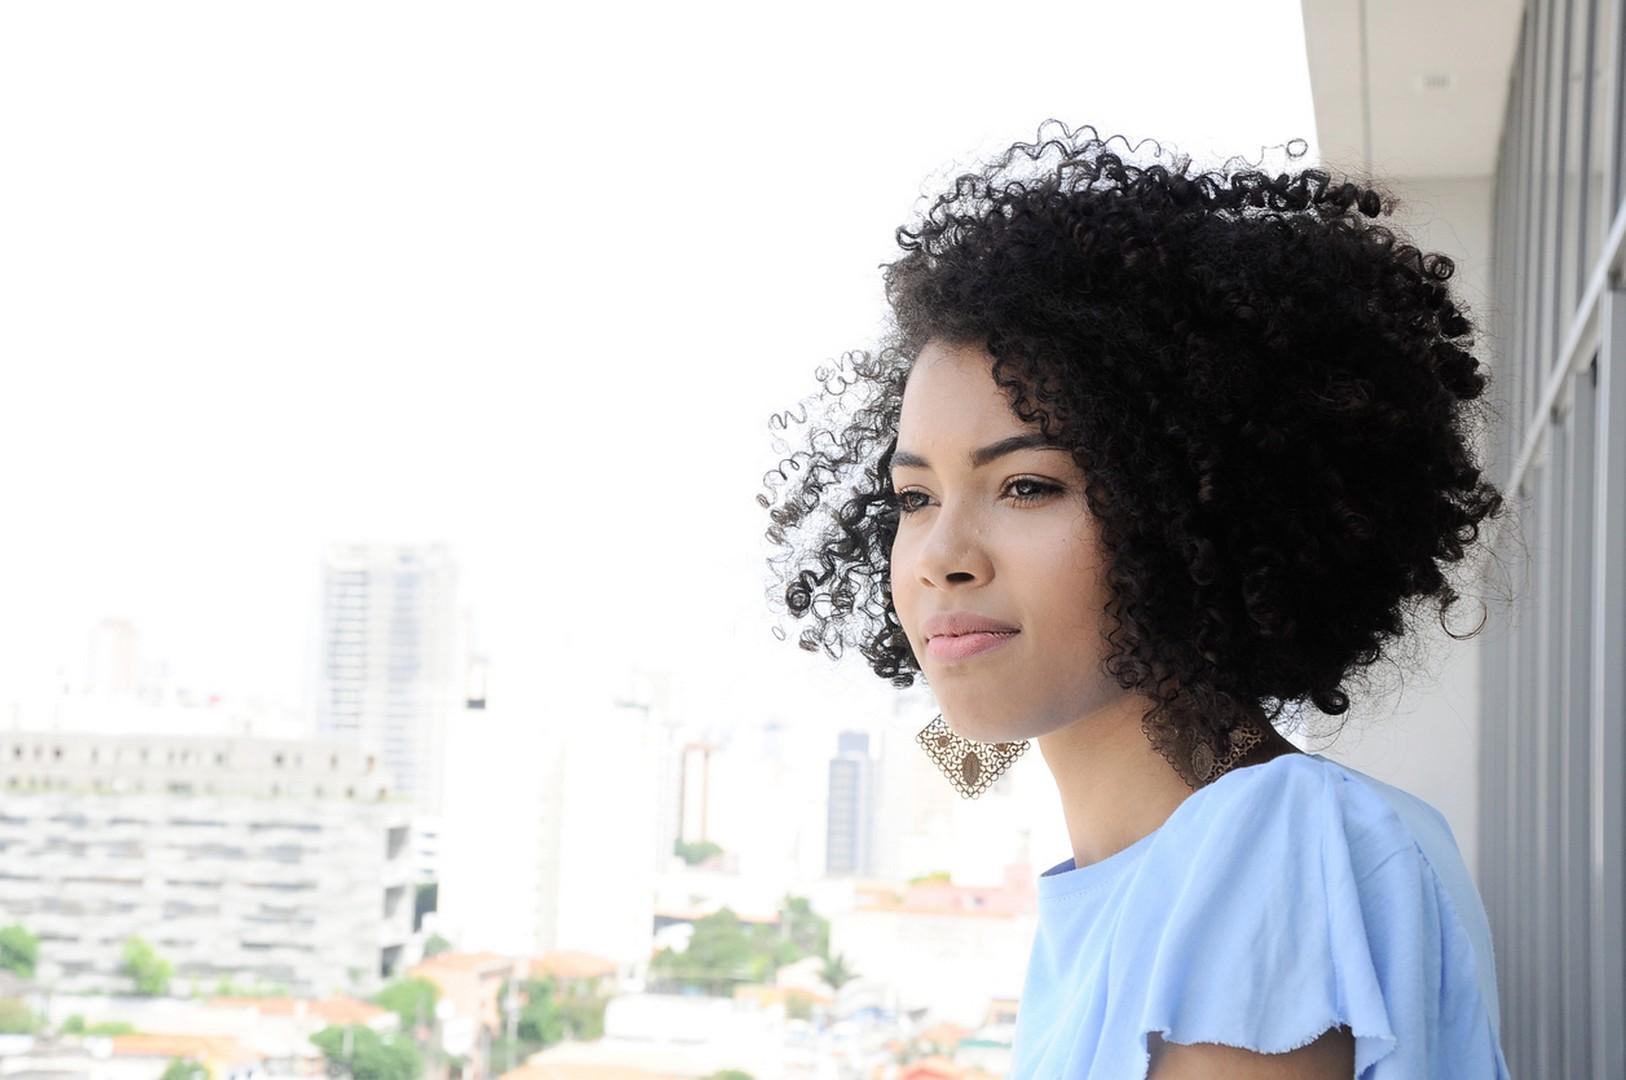 cortes de cabelo feminino 2020 1 - Cortes de cabelo feminino 2020: tendências para cacheados e crespos